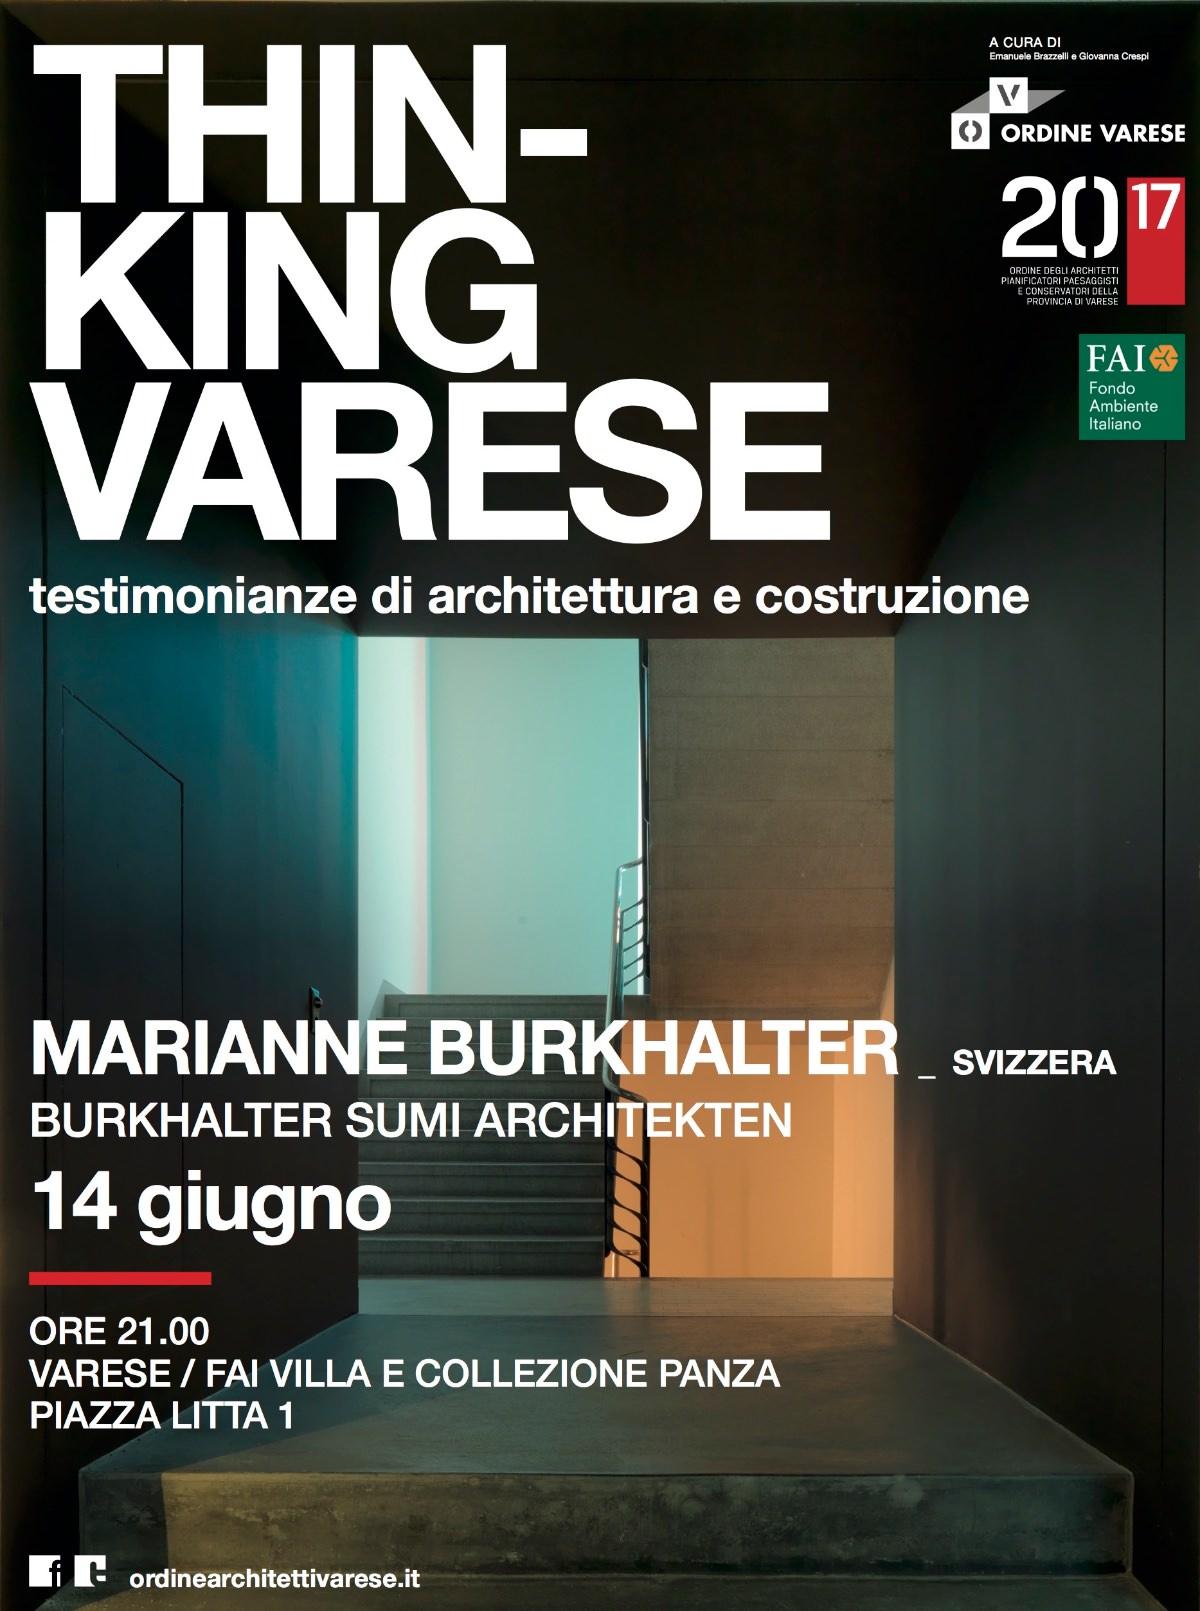 Marianne Burkhalter Varese